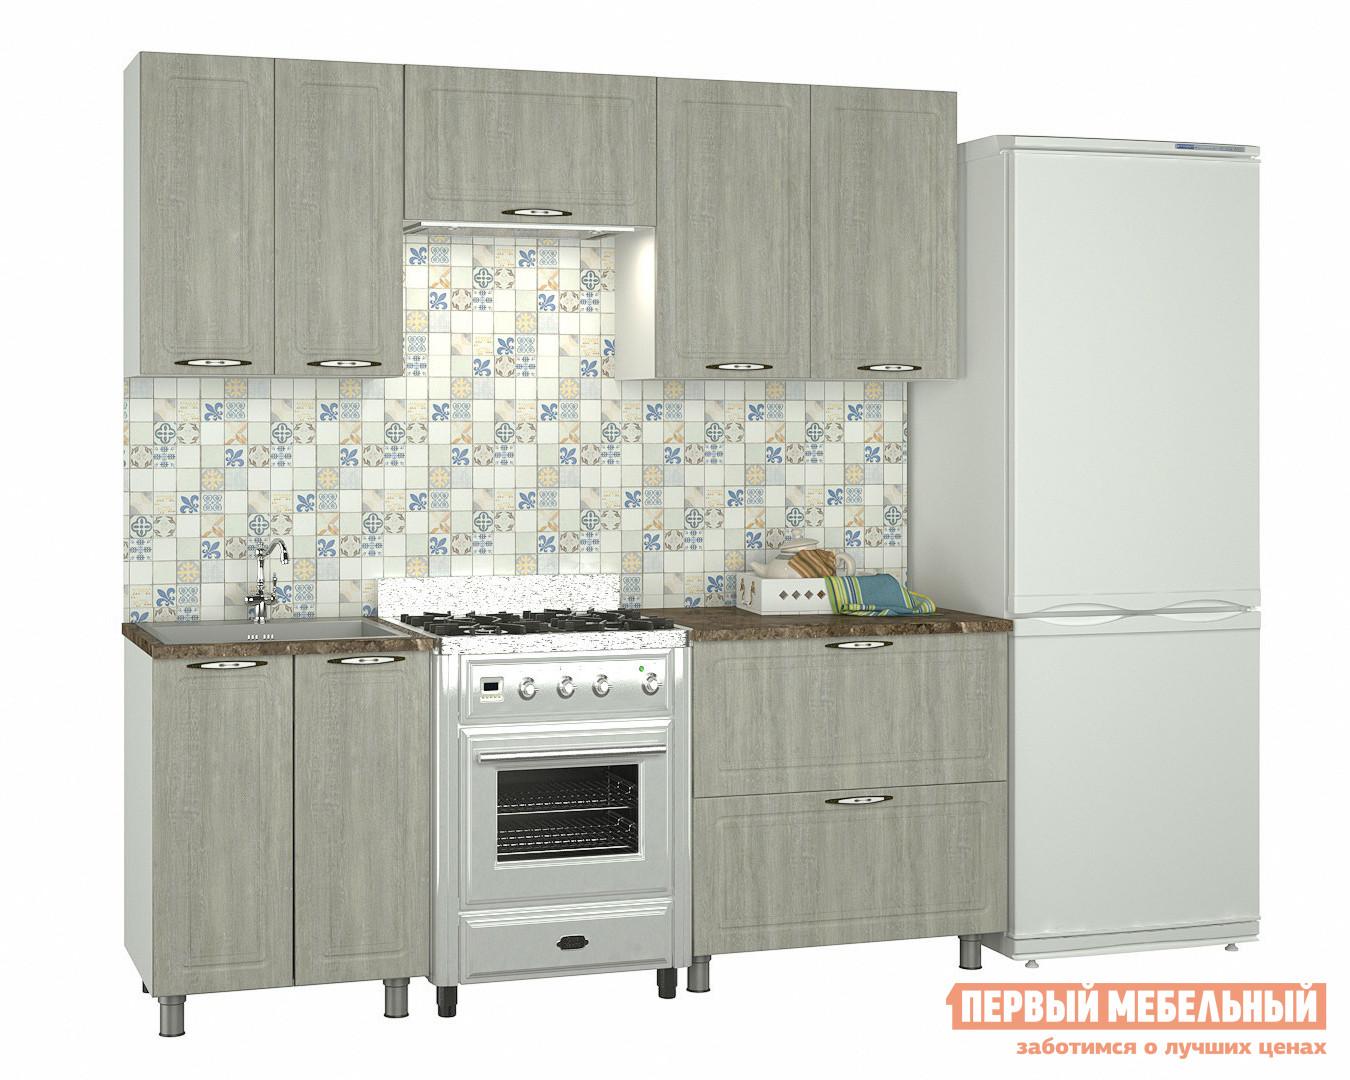 Кухонный гарнитур Первый Мебельный Прованс 2 м